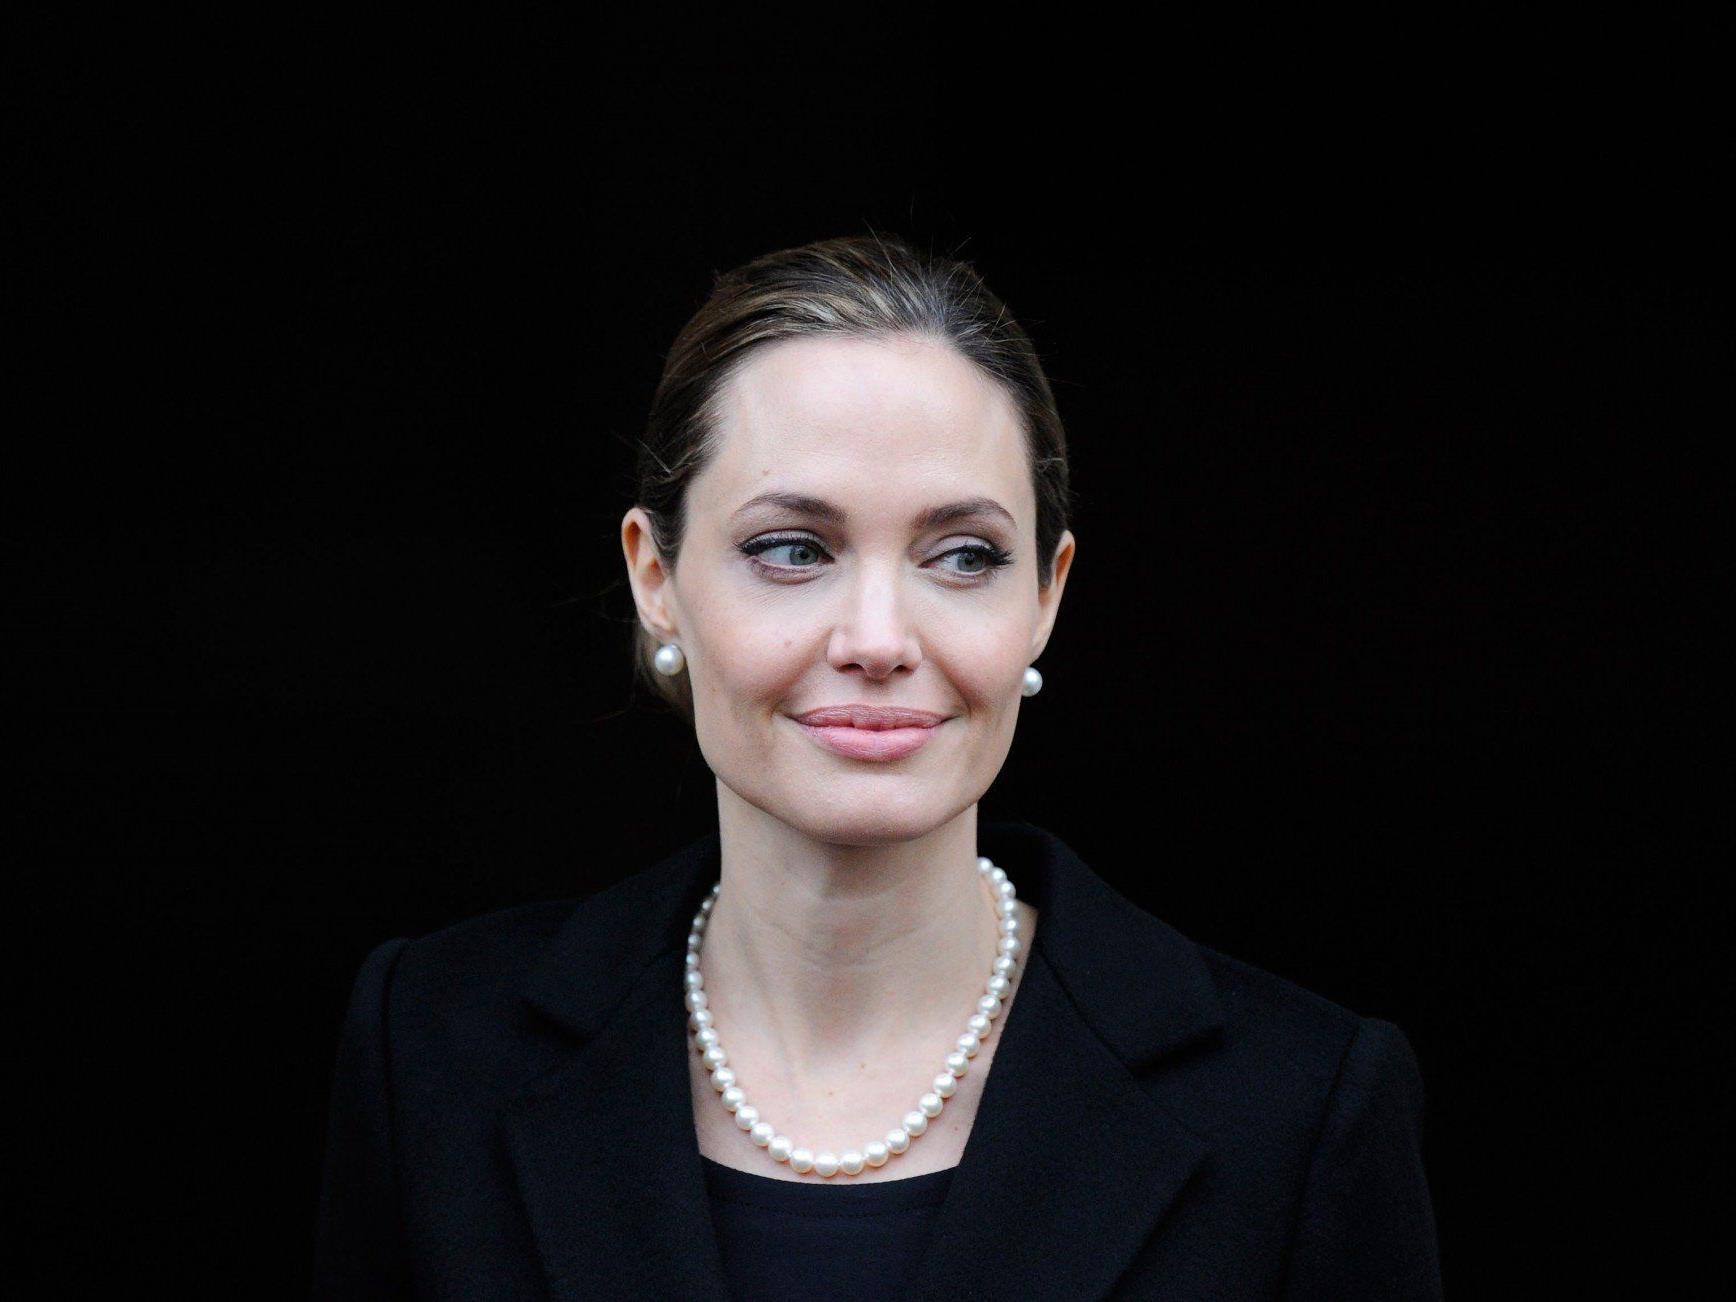 Die Schauspielerin hatte sich wegen Krebsrisikos ihr Brustdrüsengewebe entfernen lassen.